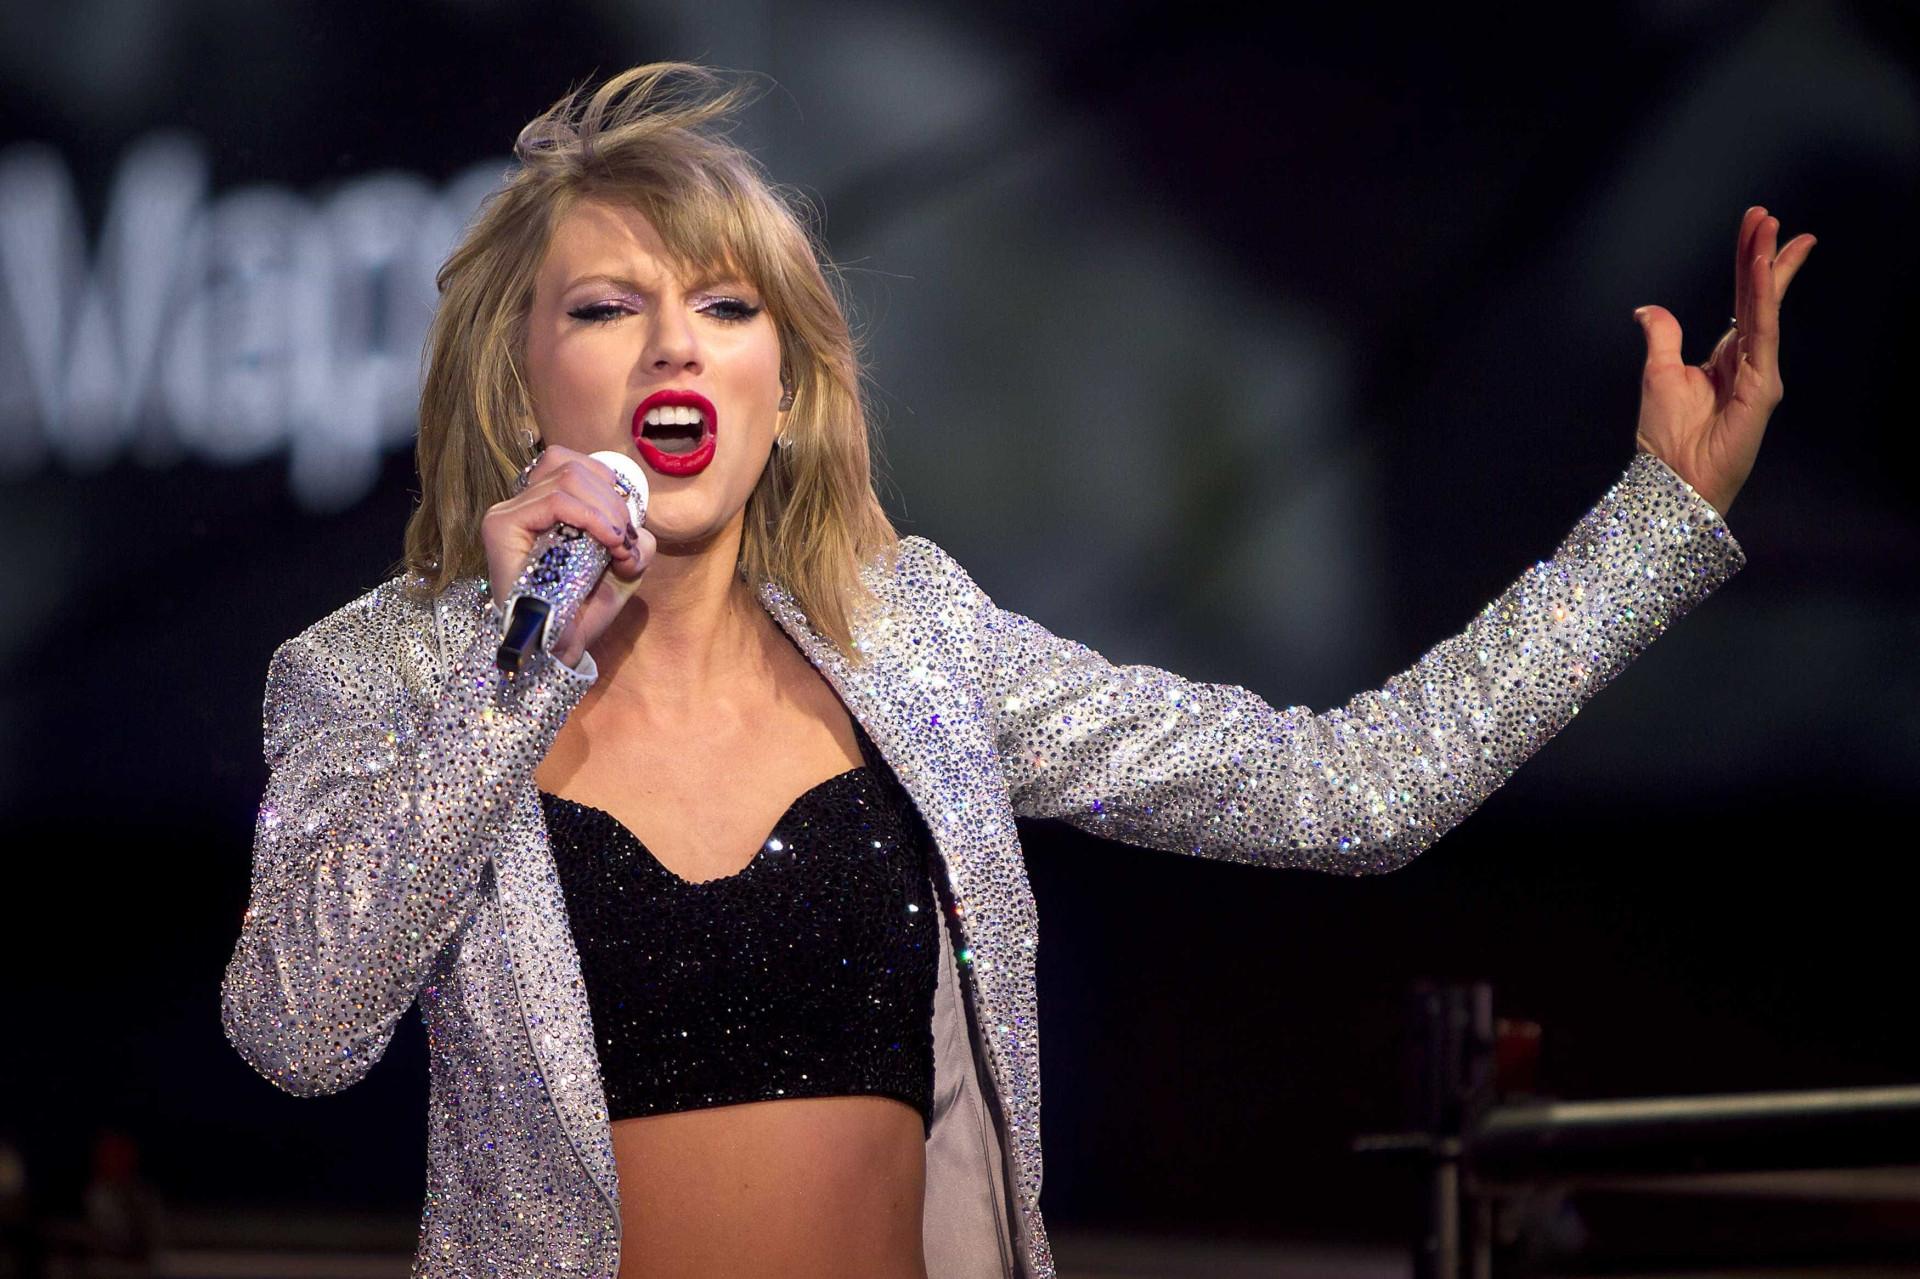 Conheça as celebridades mais populares nas redes sociais em 2017